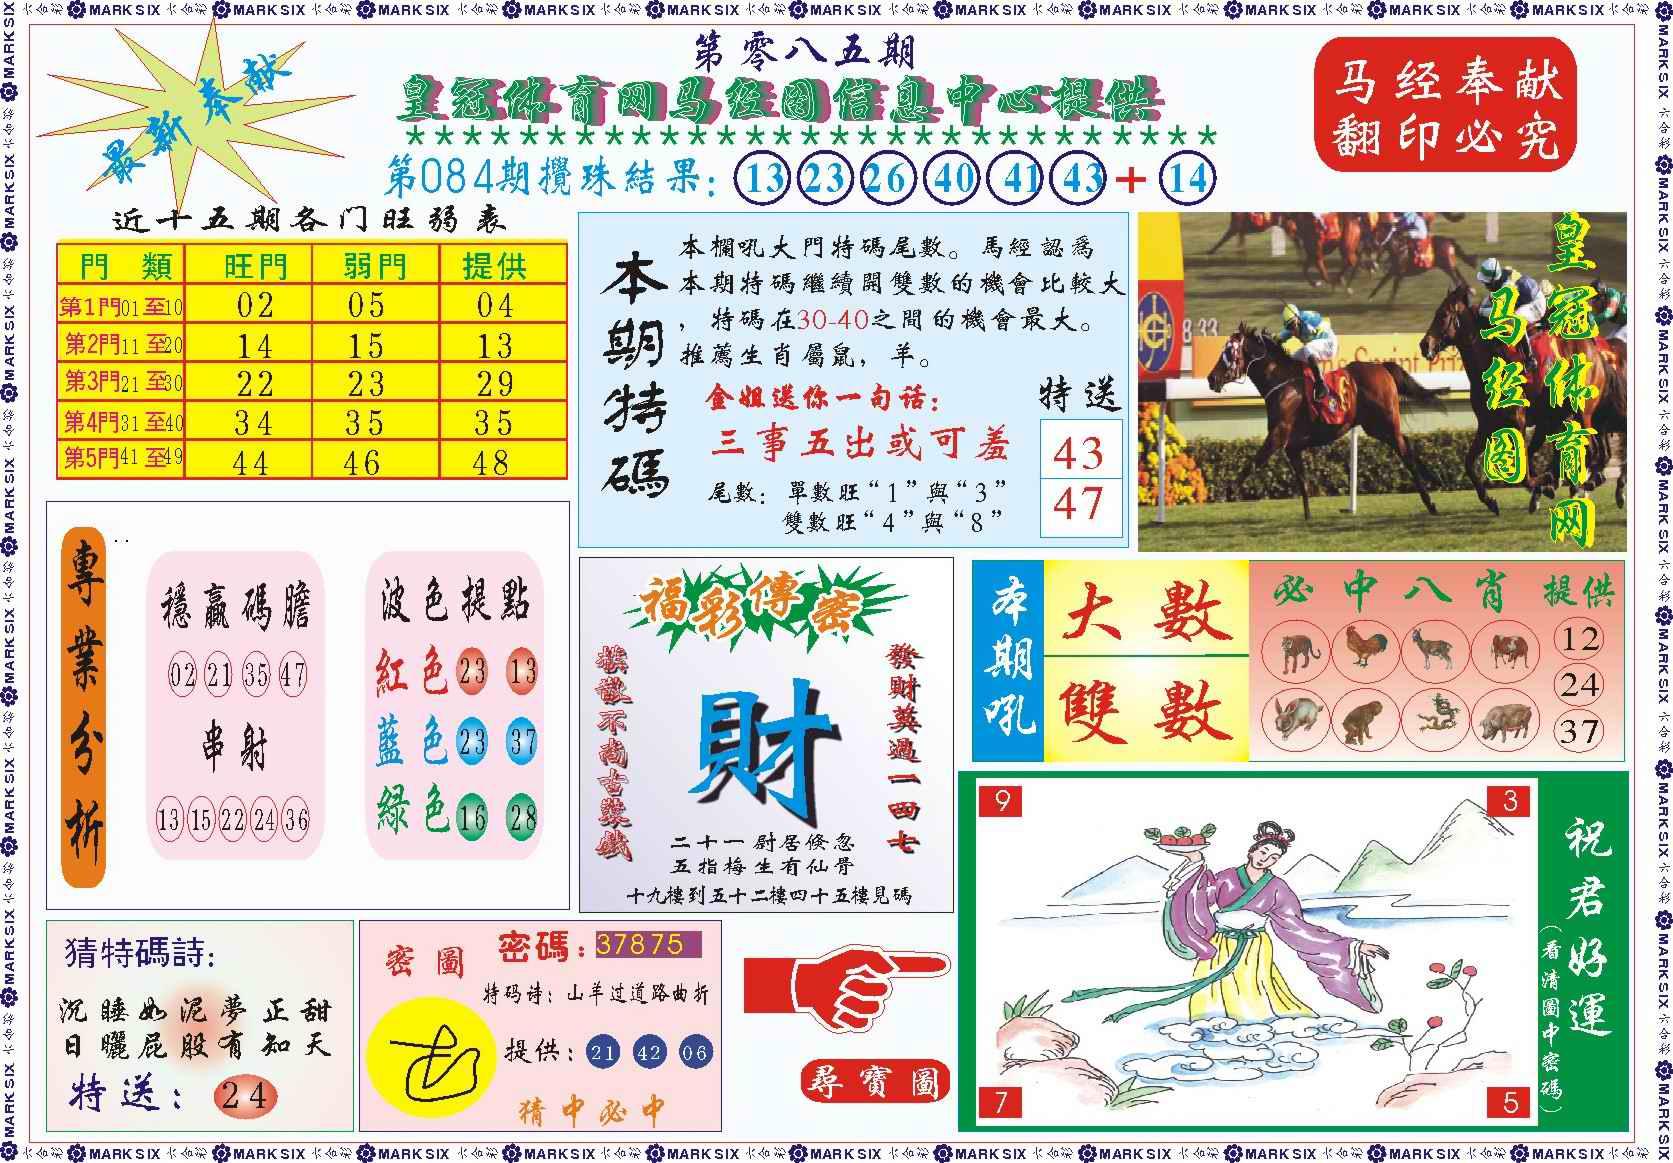 085期皇冠体育网马经图记录